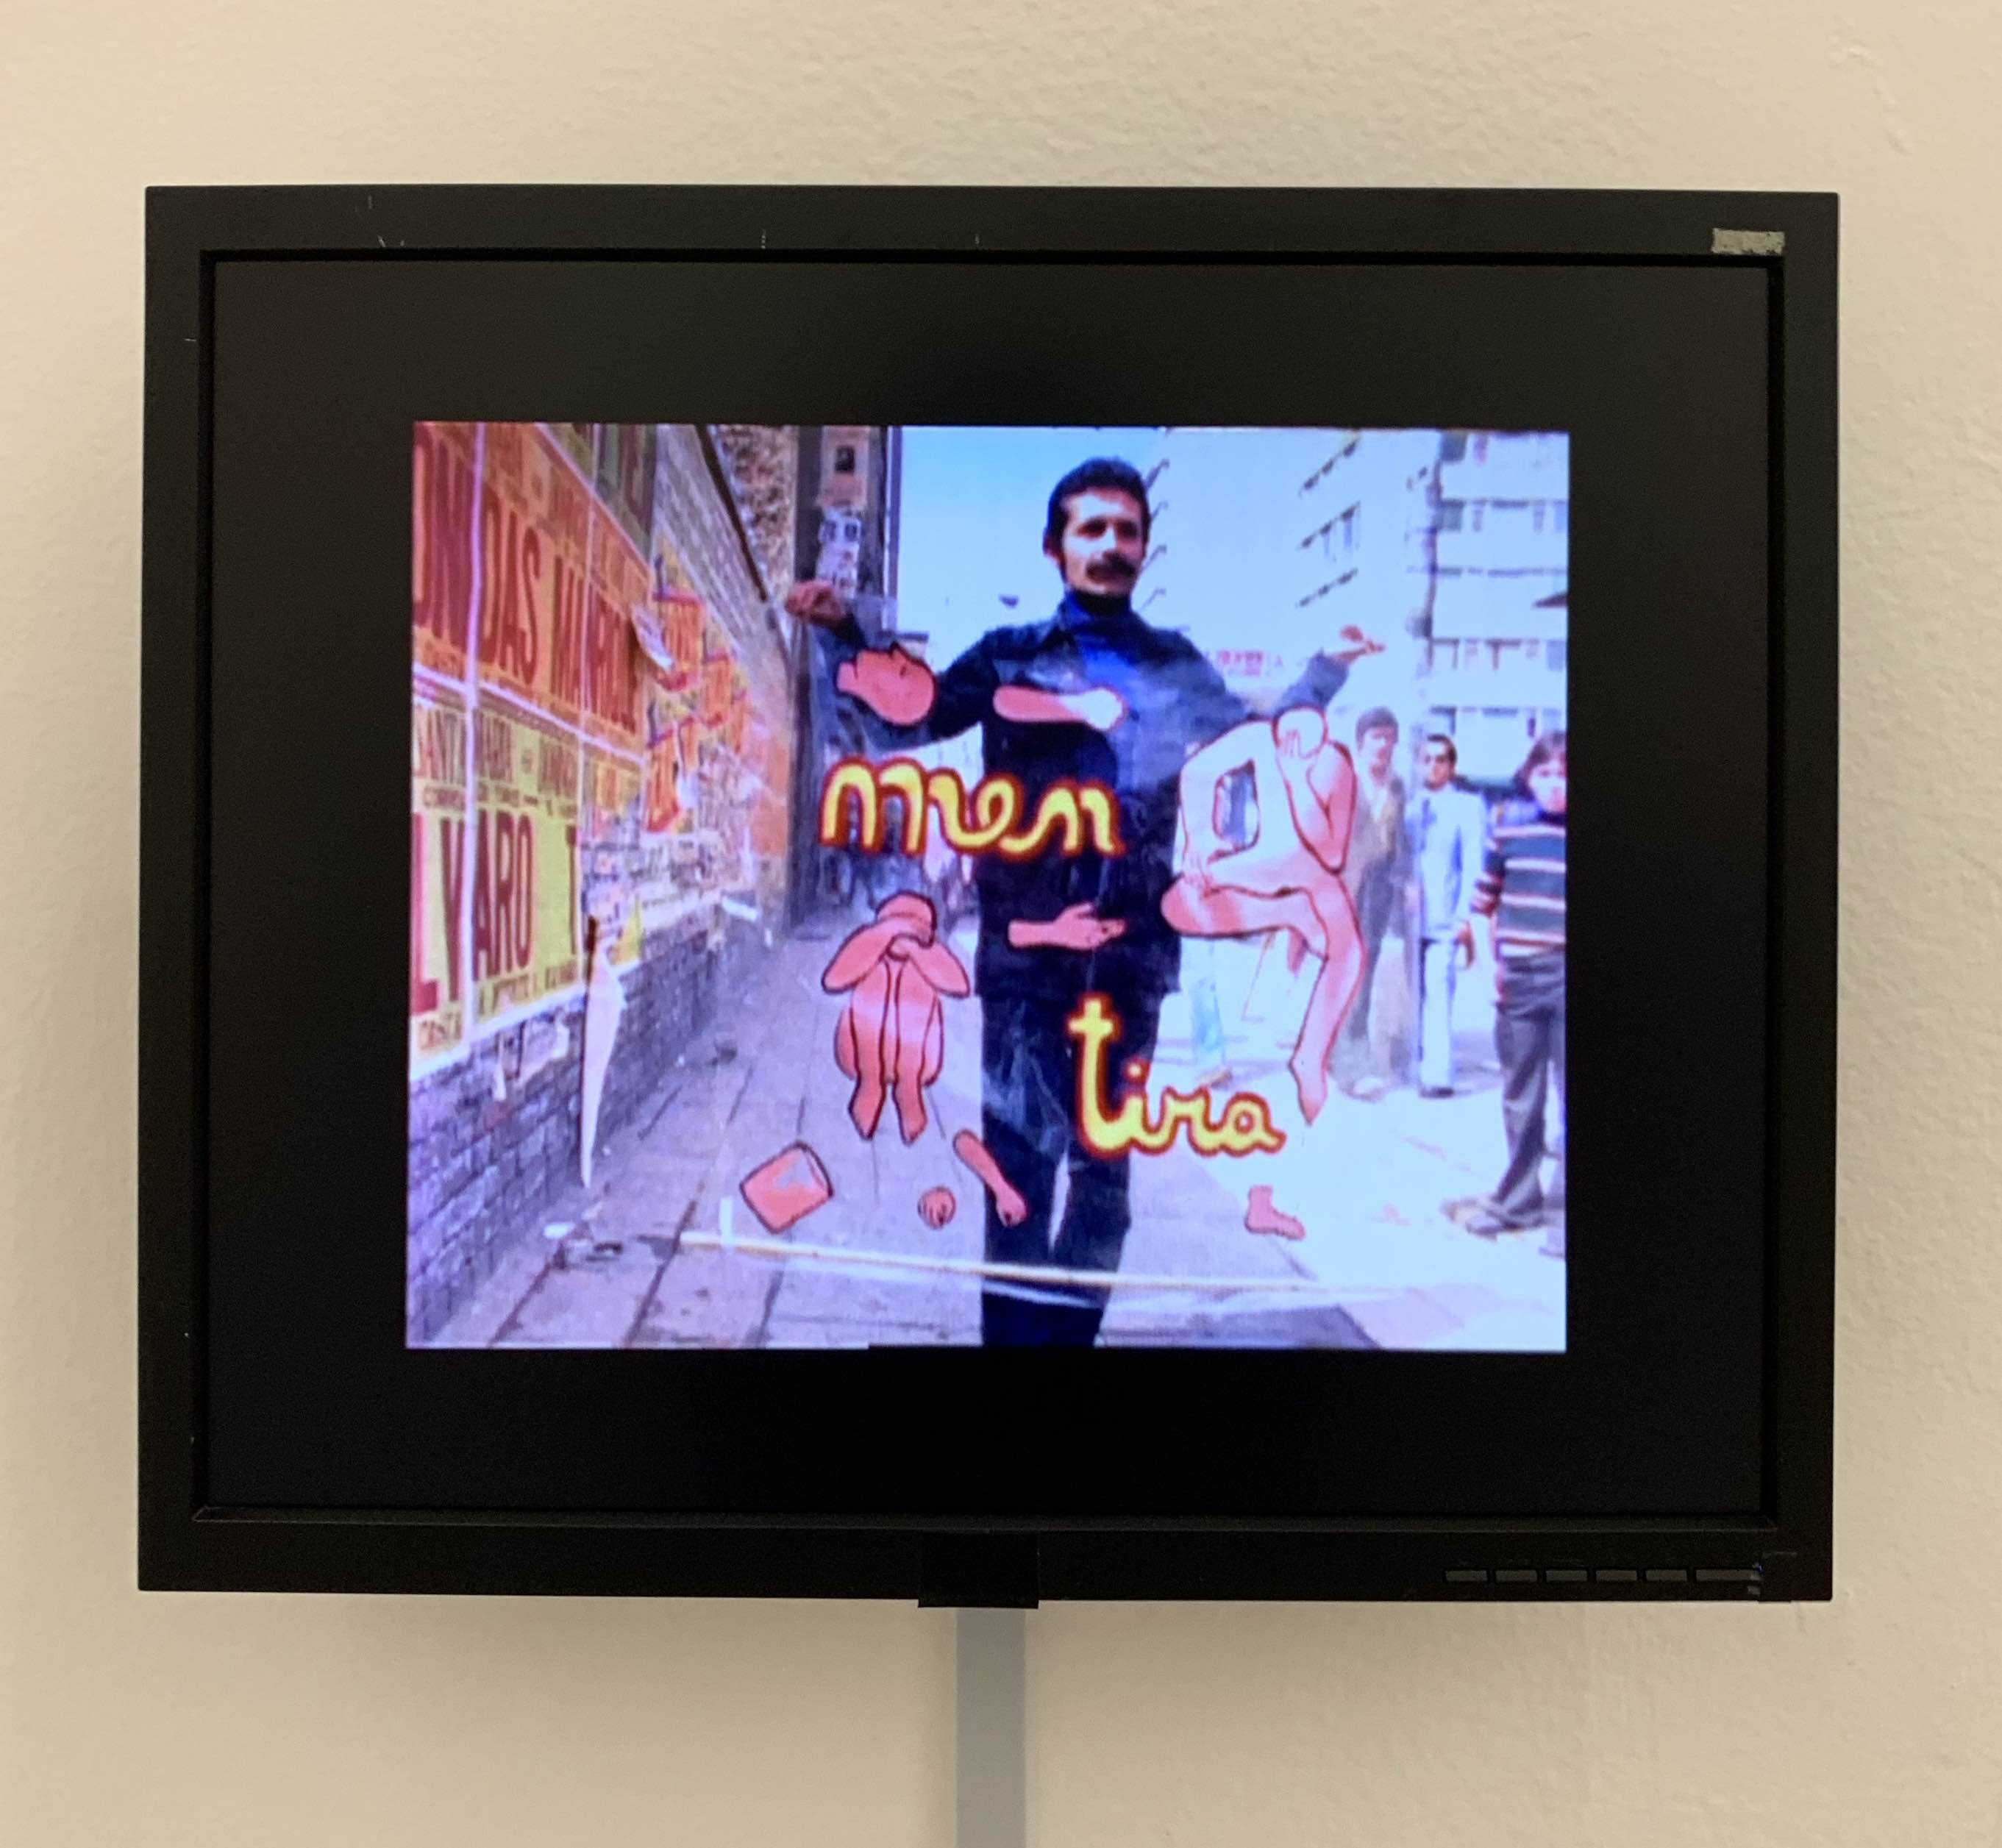 Vista de la exposición, Cecilia Vicuña: Veroír el fracaso iluminado, MUAC, 2020. Fotografía: Fabiola Talavera